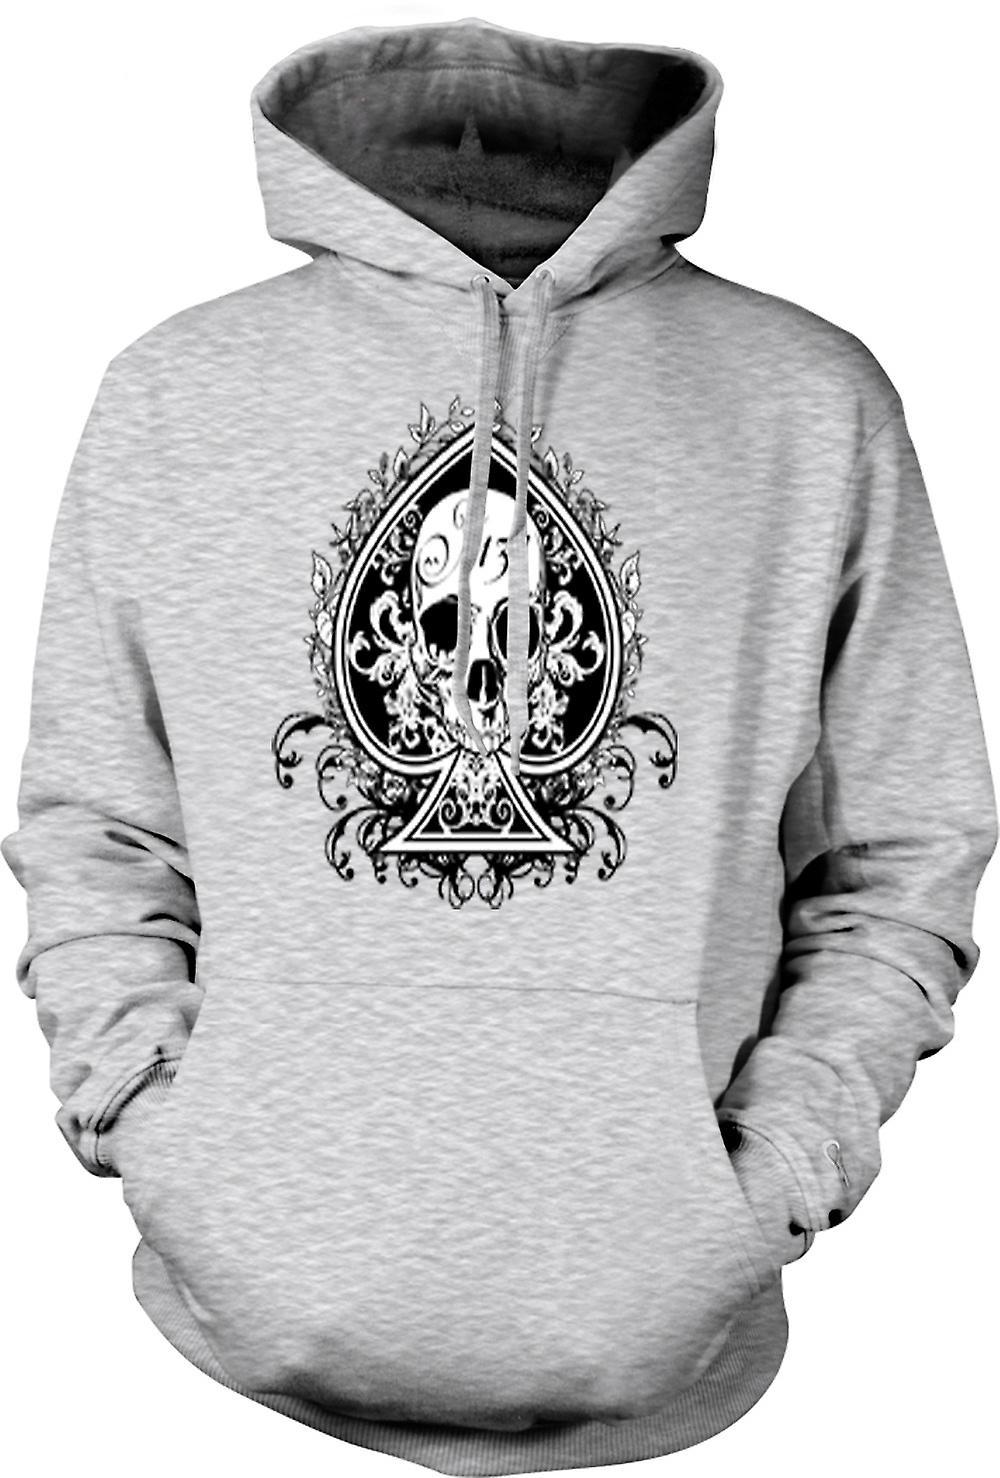 Herren Hoodie - Skull uns Biker Ace Of Spades